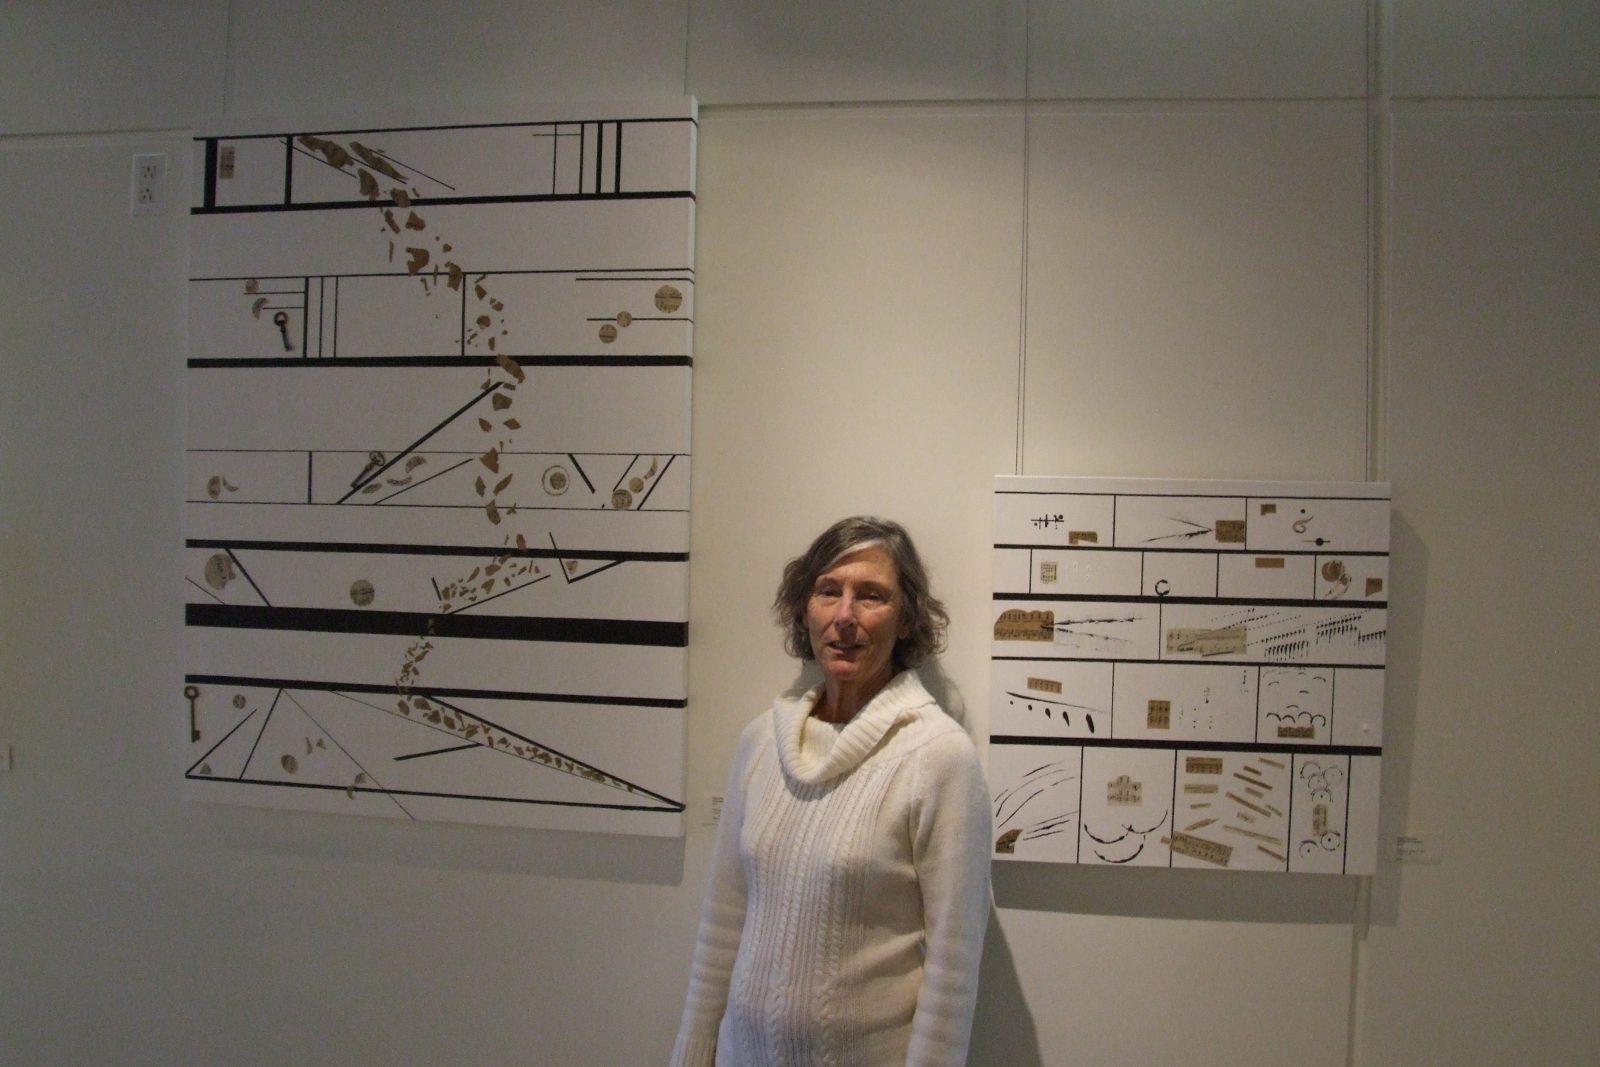 L'artiste peintre Claire Desjardins puise son inspiration dans la musique